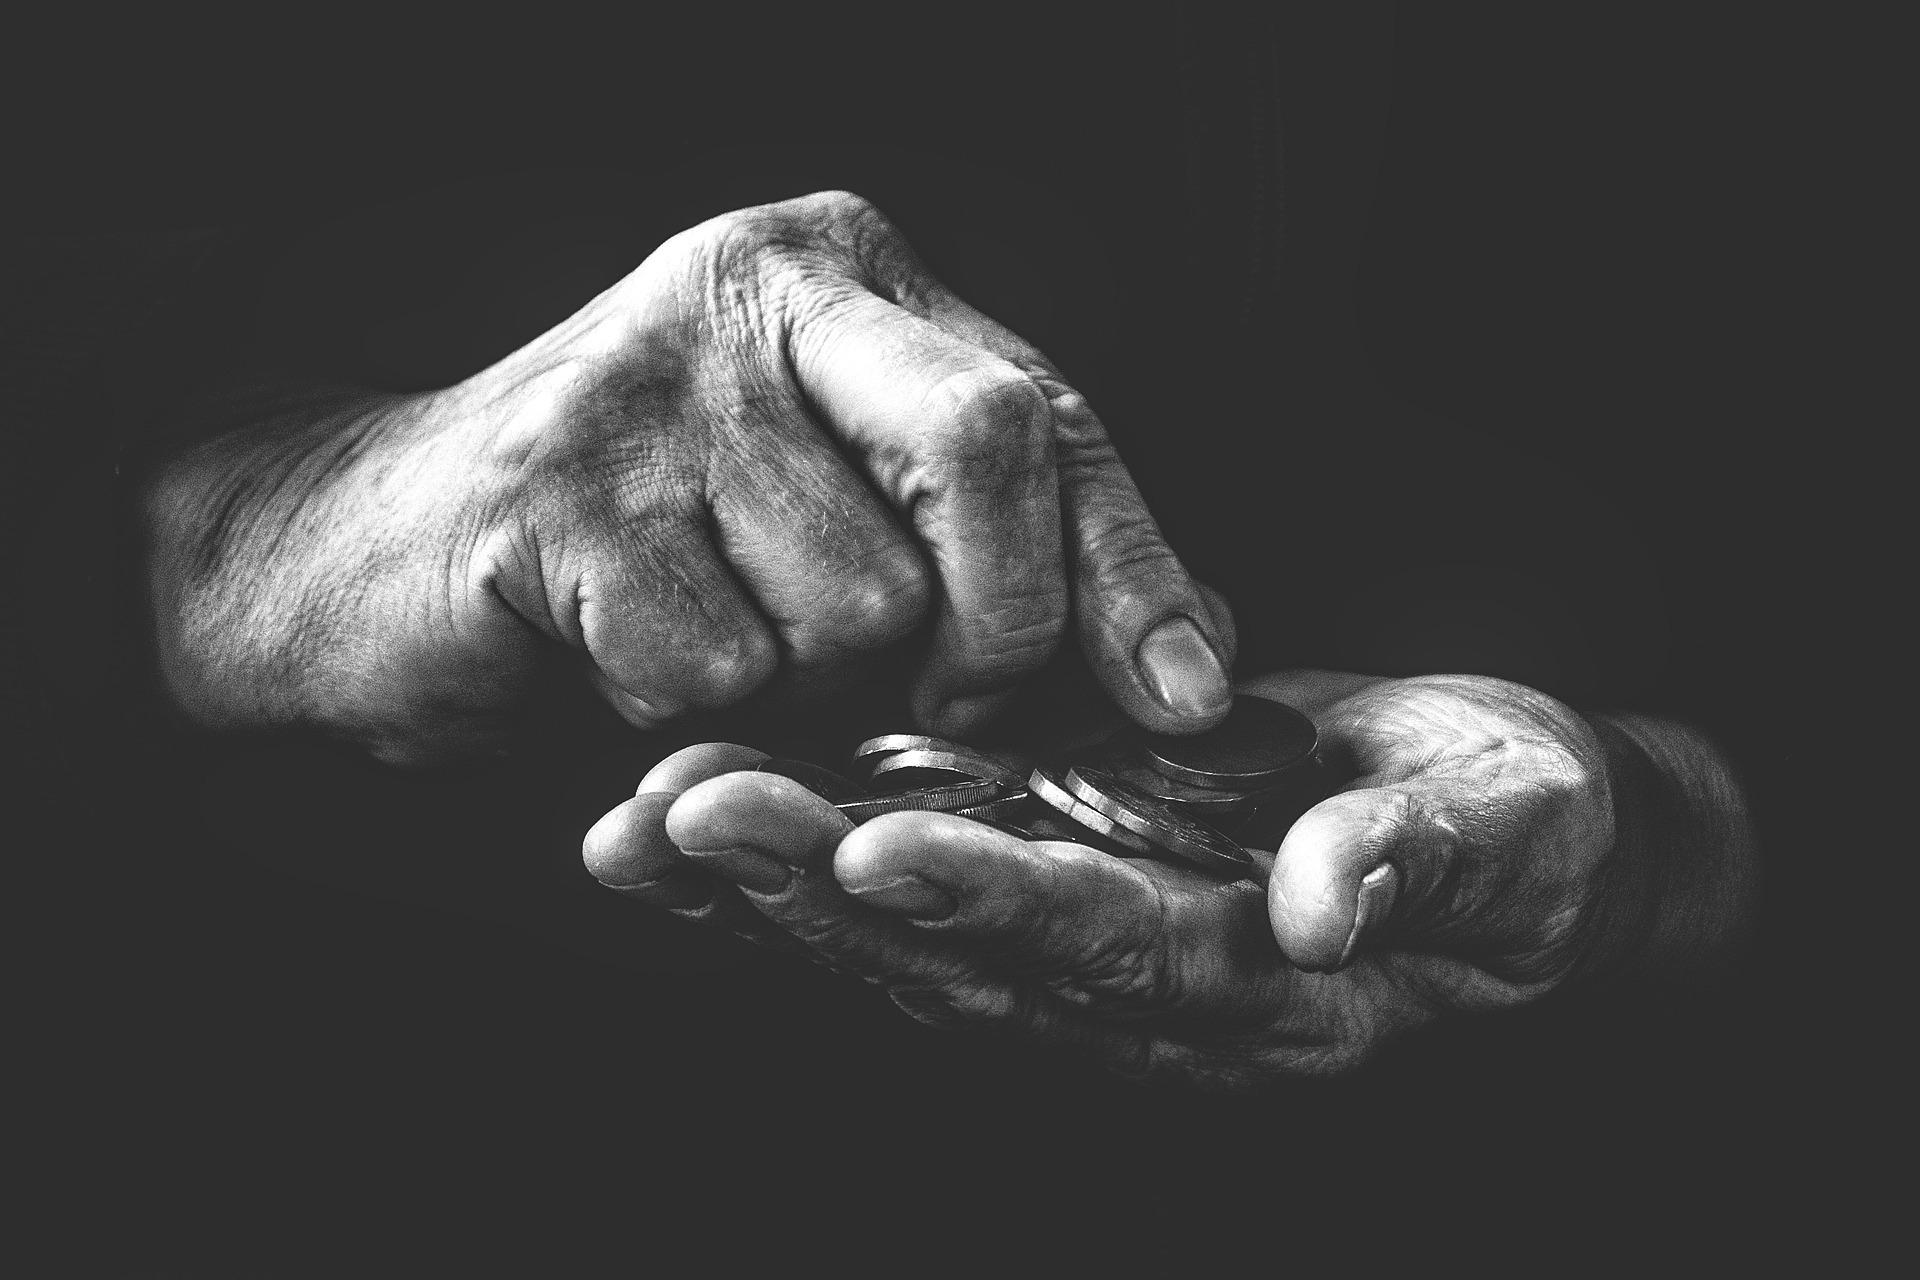 MEĐUNARODNI DAN BORBE PROTIV SIROMAŠTVA I CRNA GORA: Dan koji nije naš